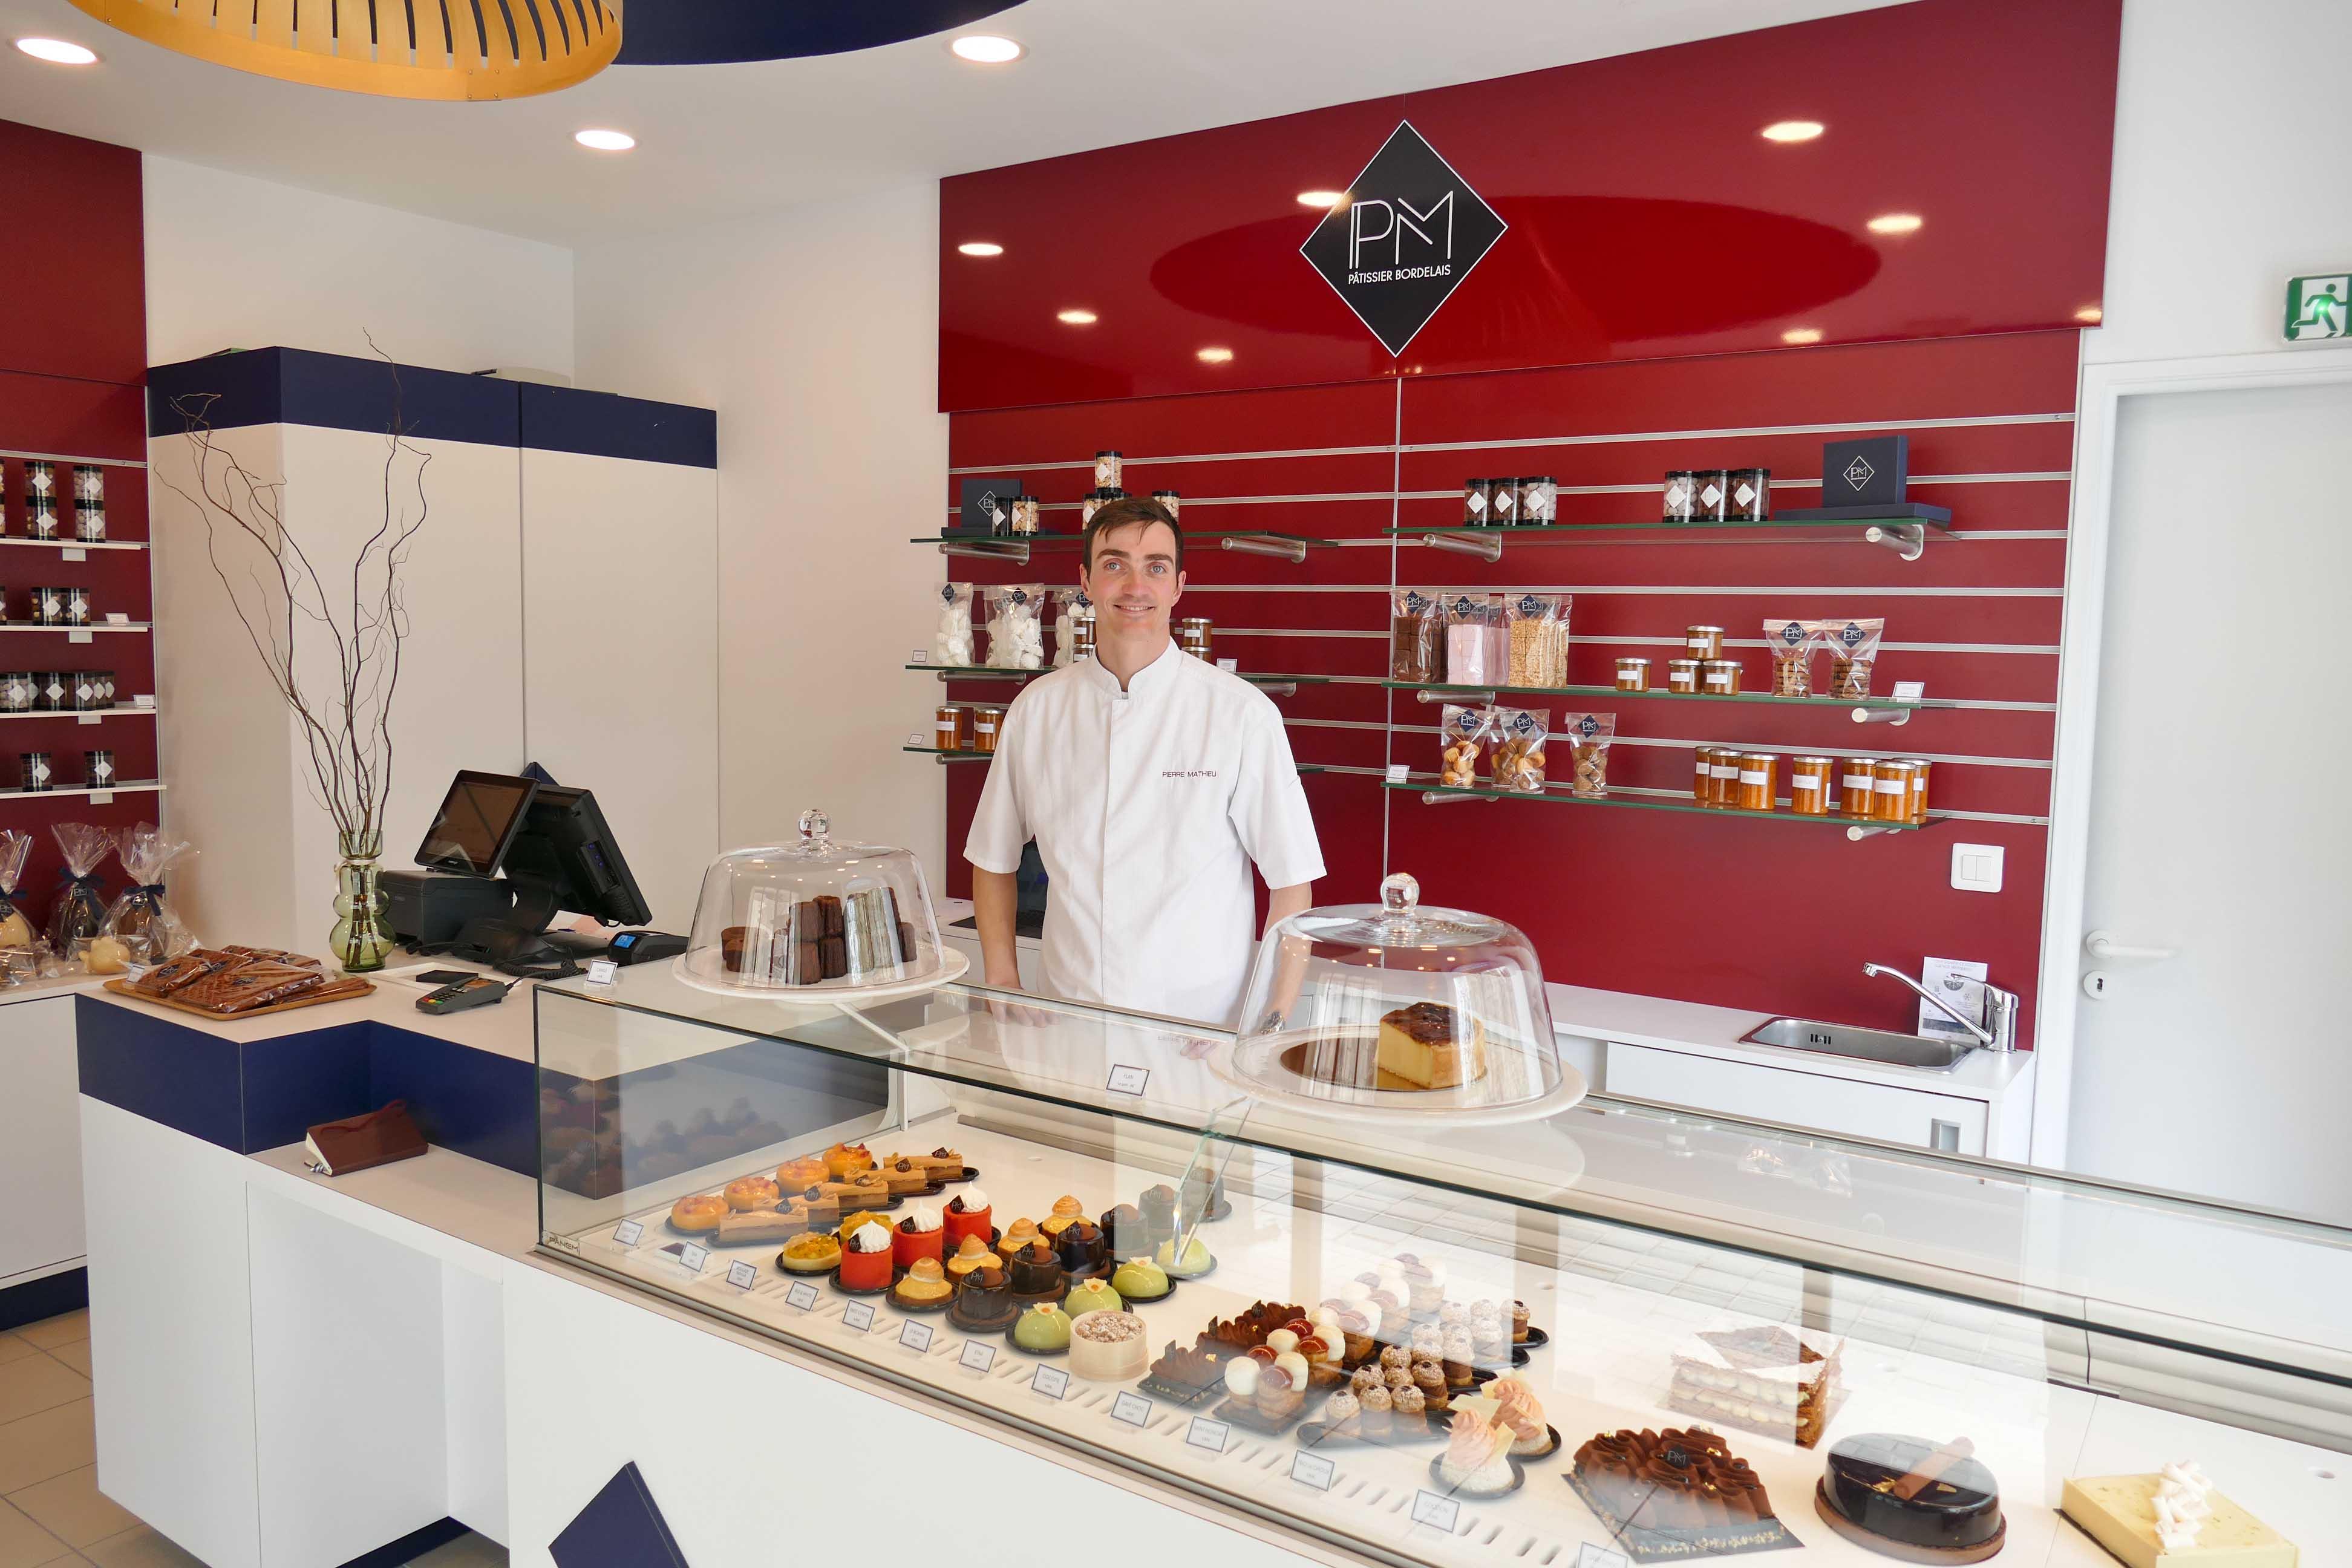 Pierre Mathieu Pâtisserie, la nouvelle Pâtisserie qui